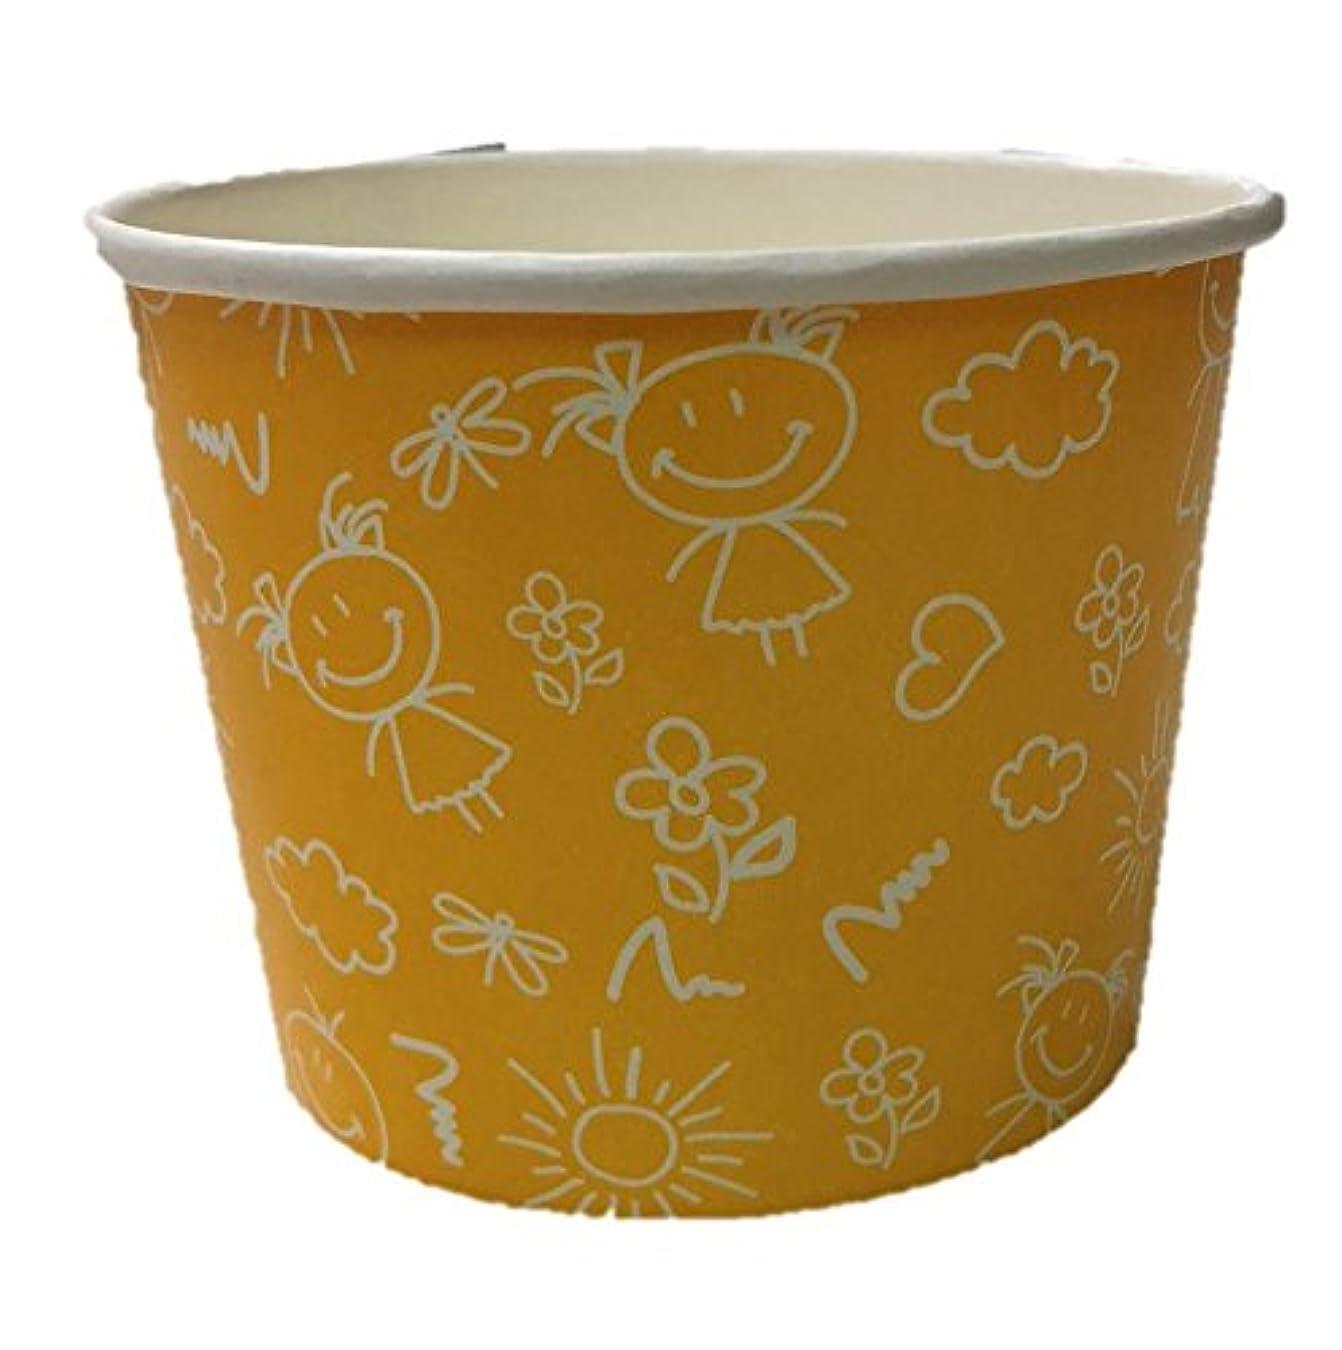 資本フラスコがっかりするニッチプラス 業務用 耐油?耐水加工使い捨てスープカップ イエロー(ジョイ) 290ml 50個入